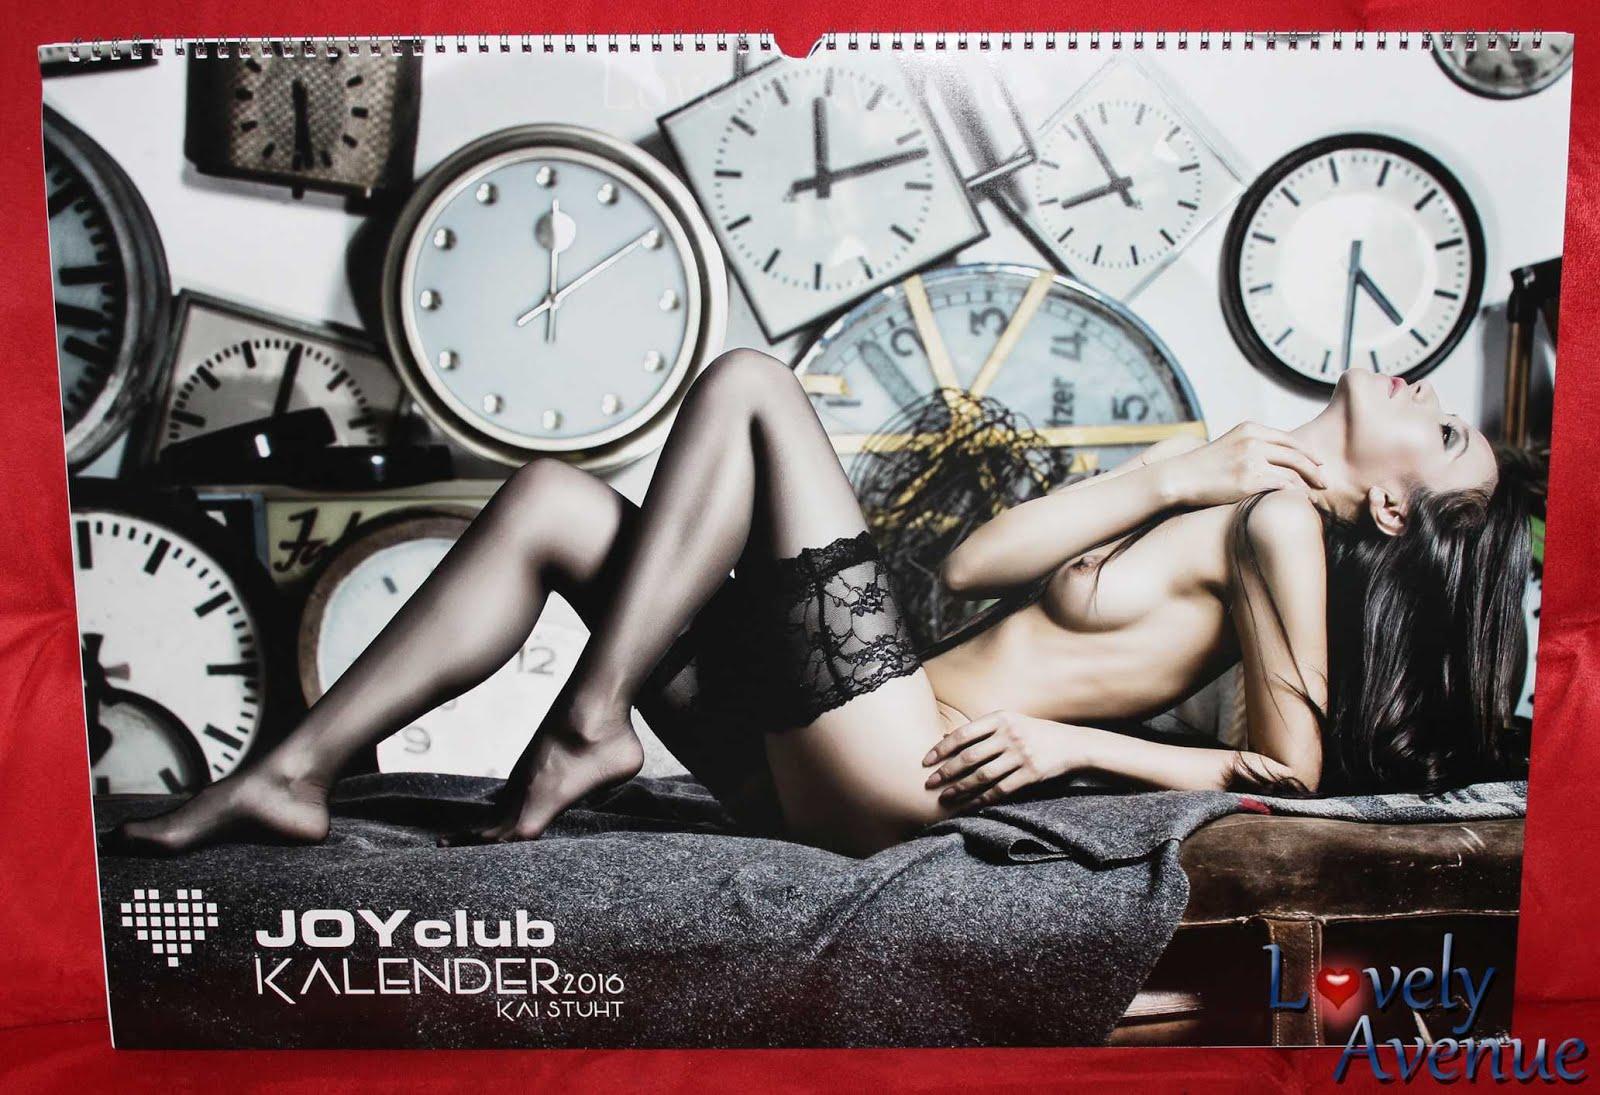 Ich verlose drei Exemplare des Joy Club Kalenders für 2016